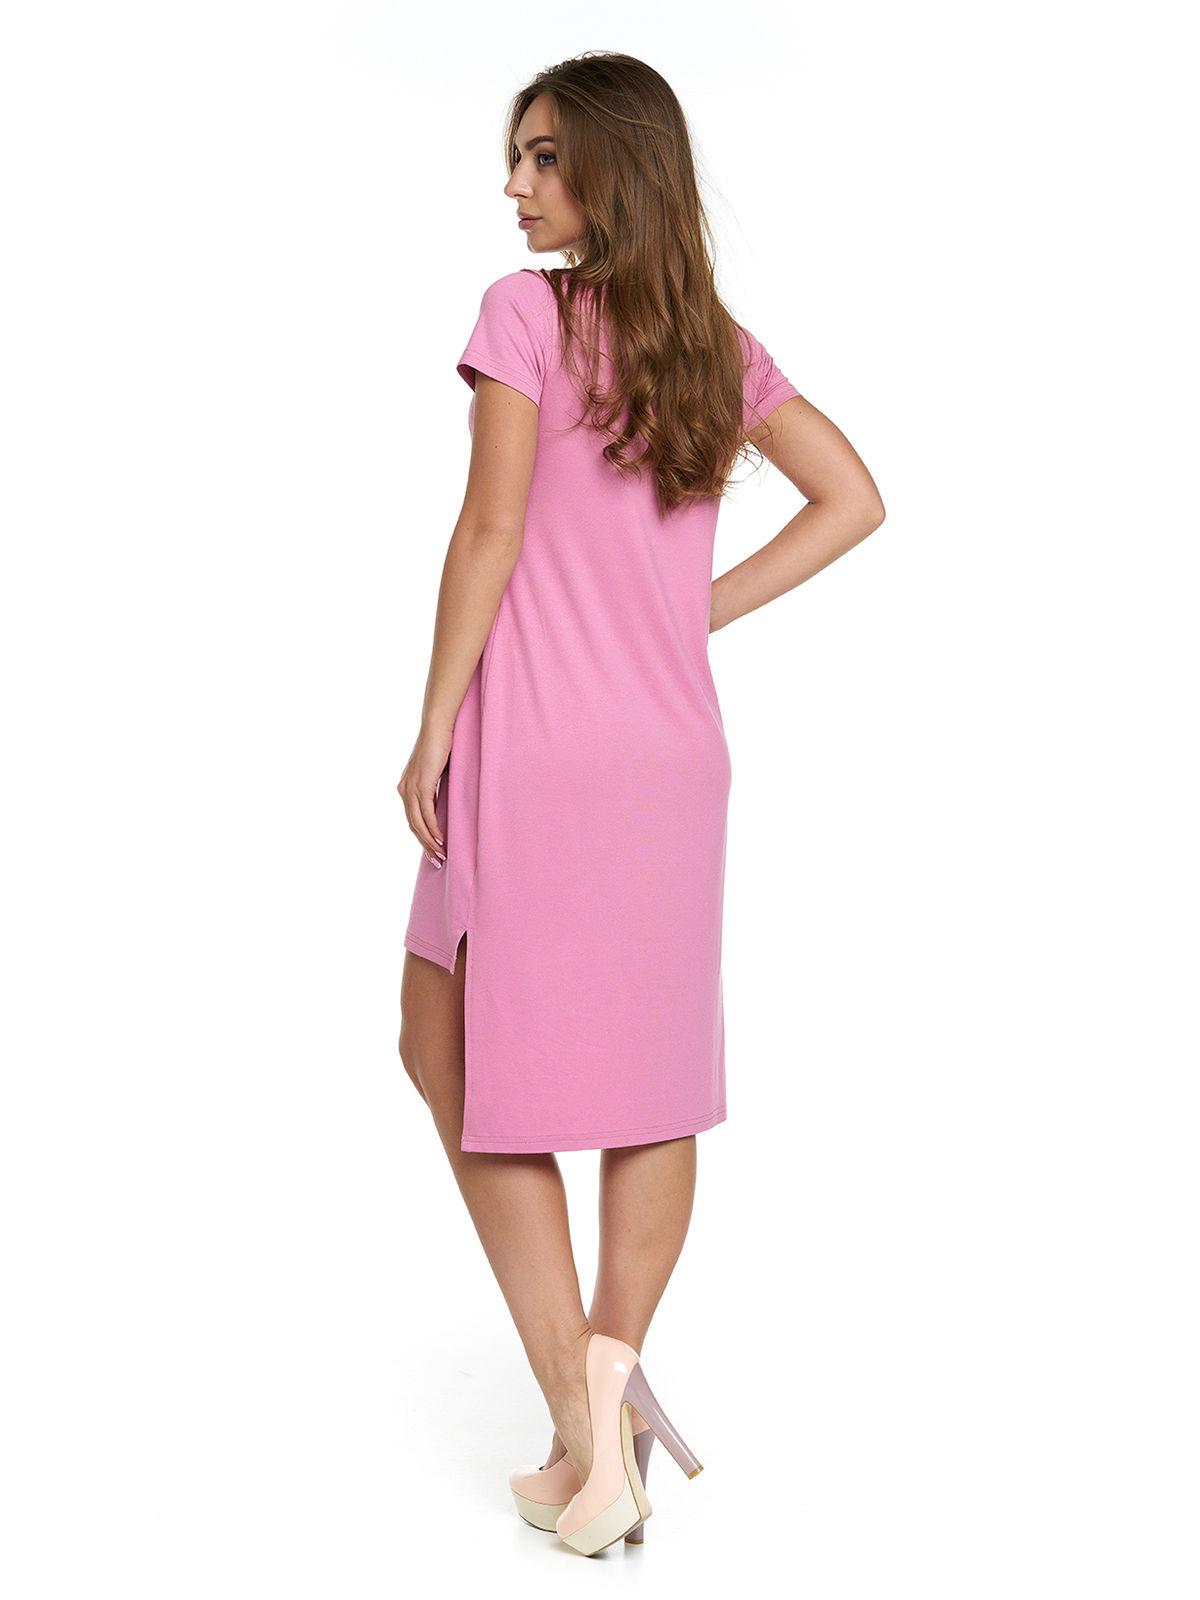 Сукня рожева з принтом | 3299636 | фото 2